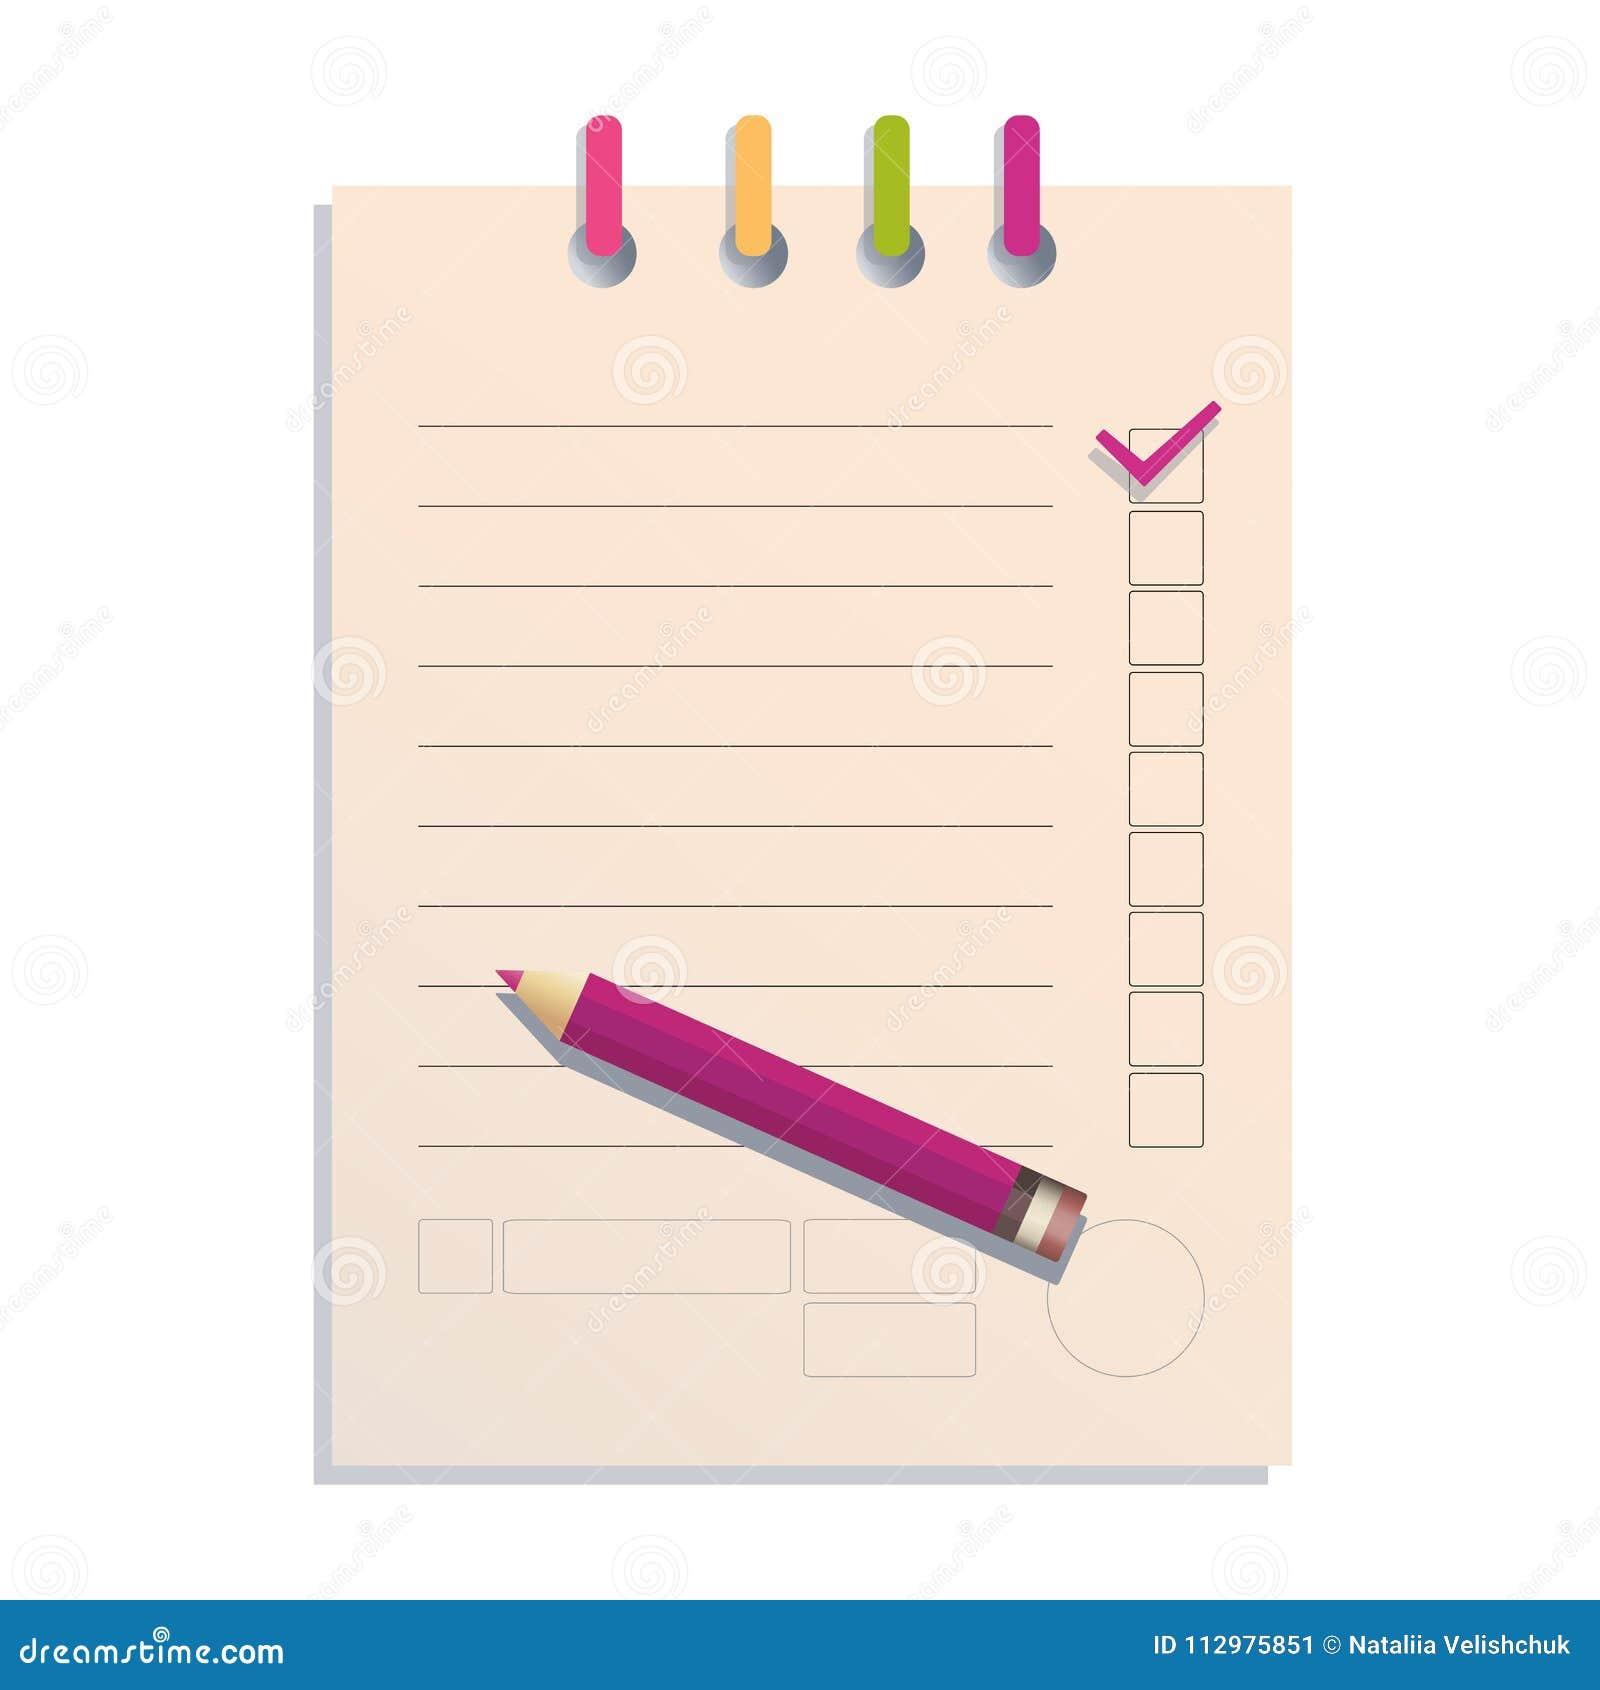 Checklist and pencil. The icon.